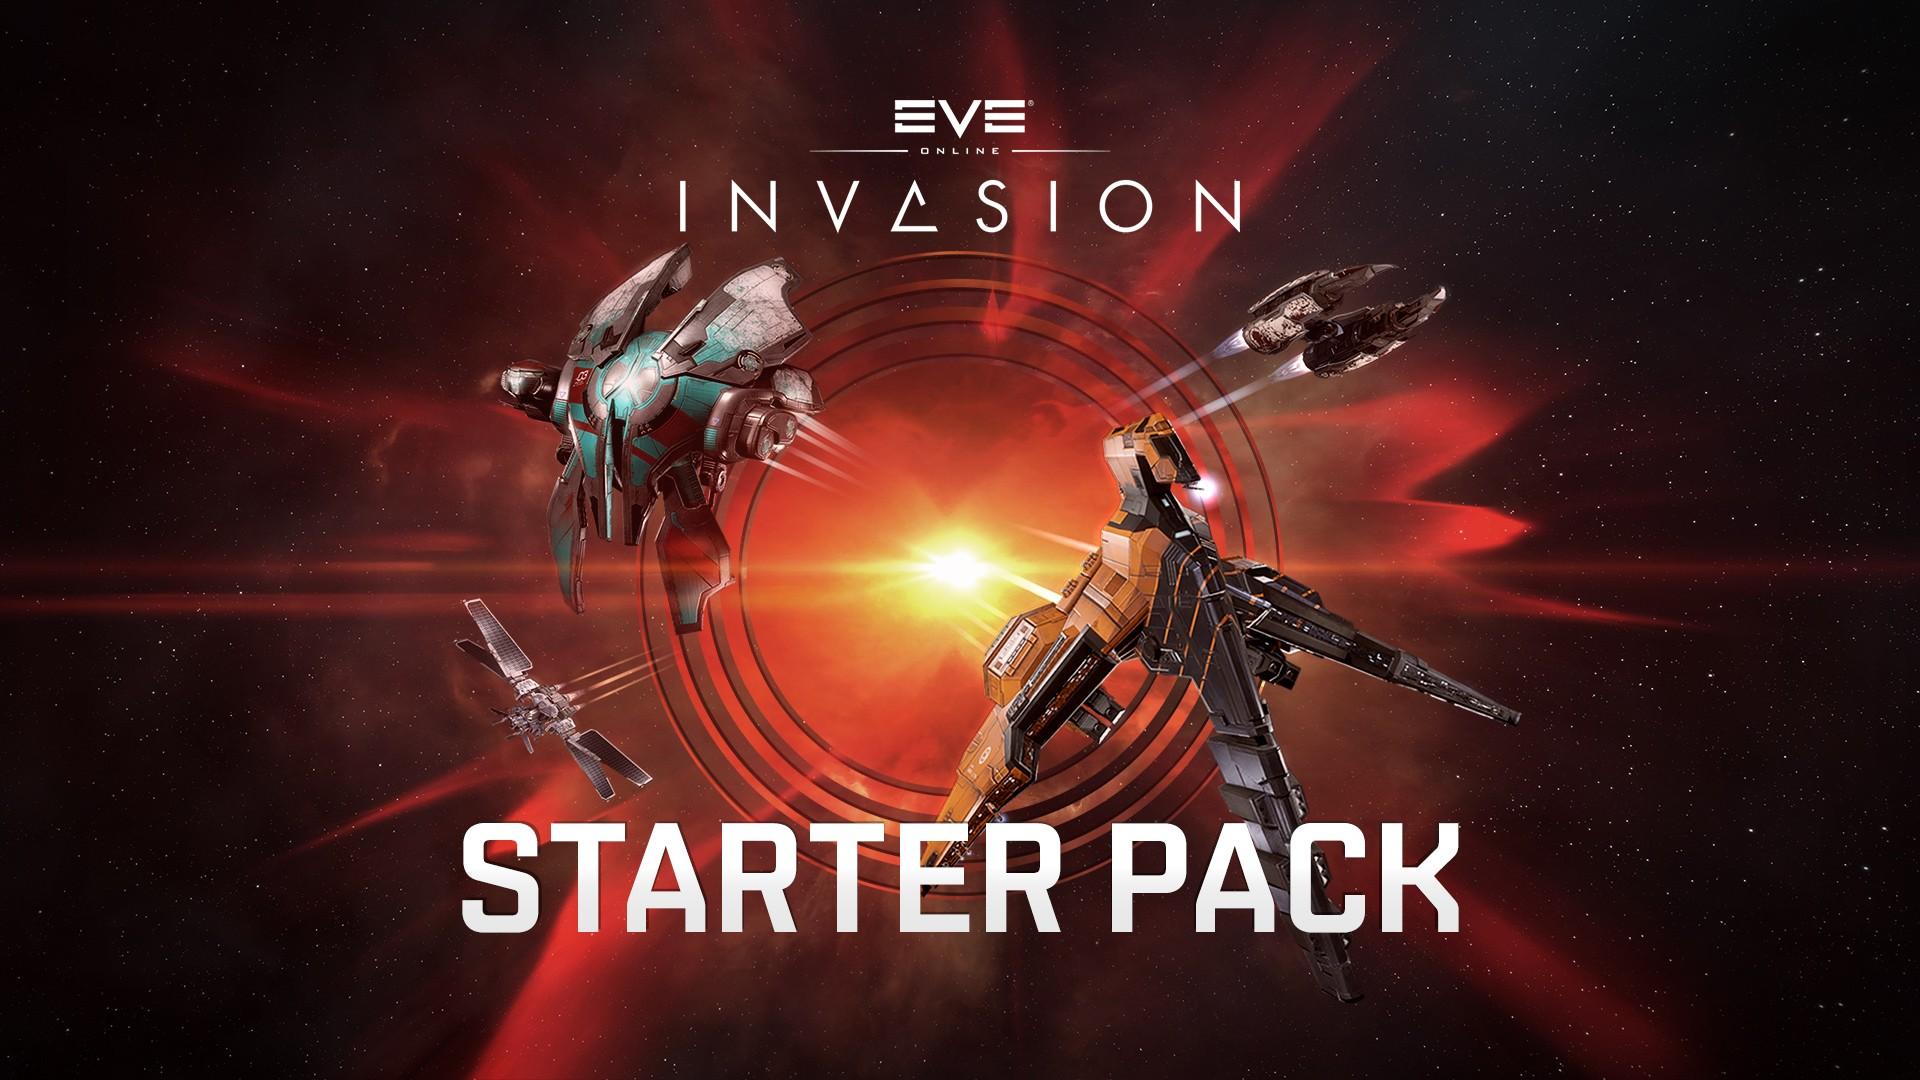 Героям EVE Online дарят стартовый набор будущего дополнения «Вторжение»